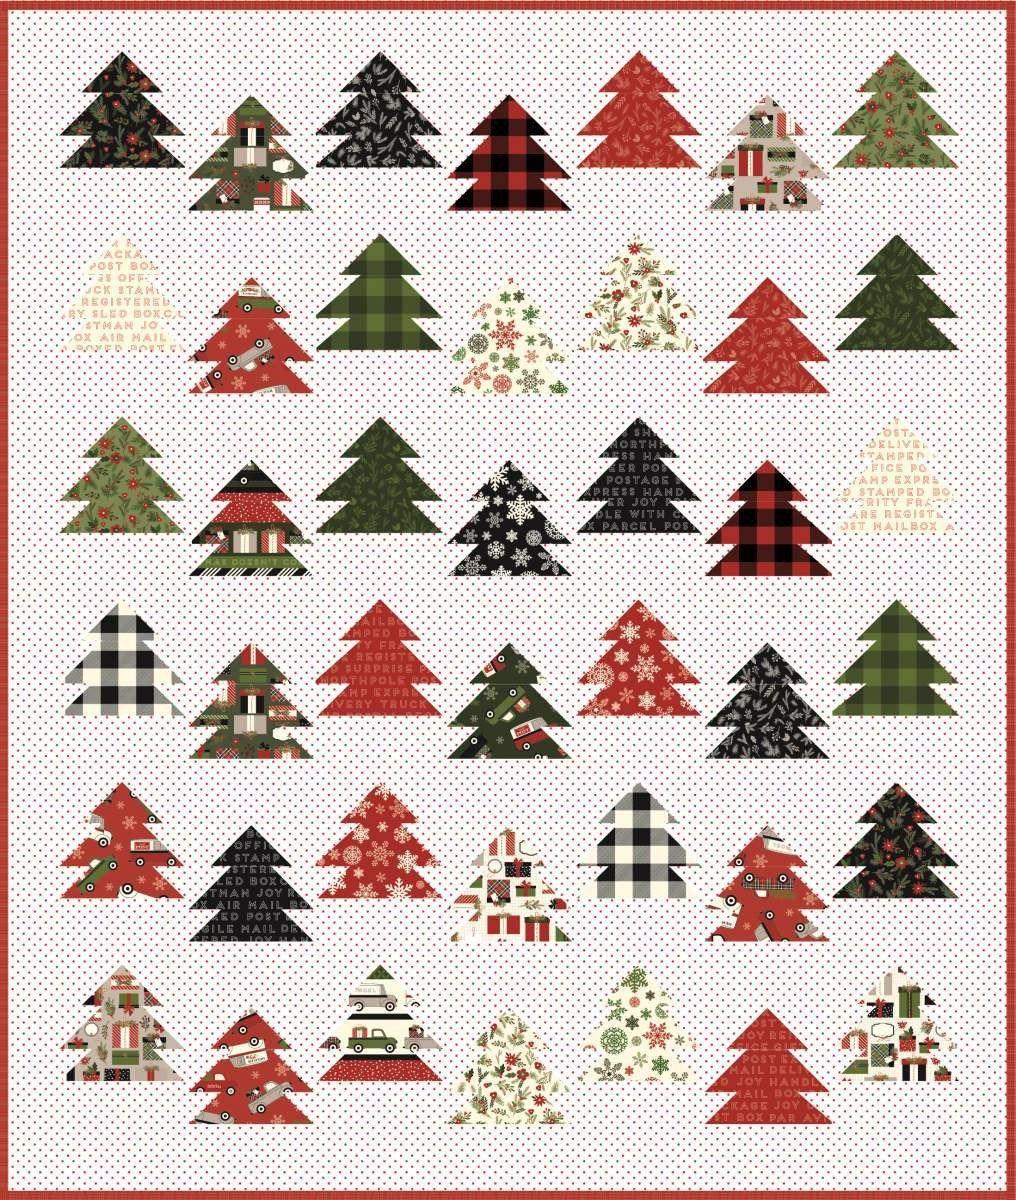 Tree Farm Quilt Pattern From Keera Job Of Live Love Sew In 2020 Farm Quilt Farm Quilt Patterns Quilt Patterns